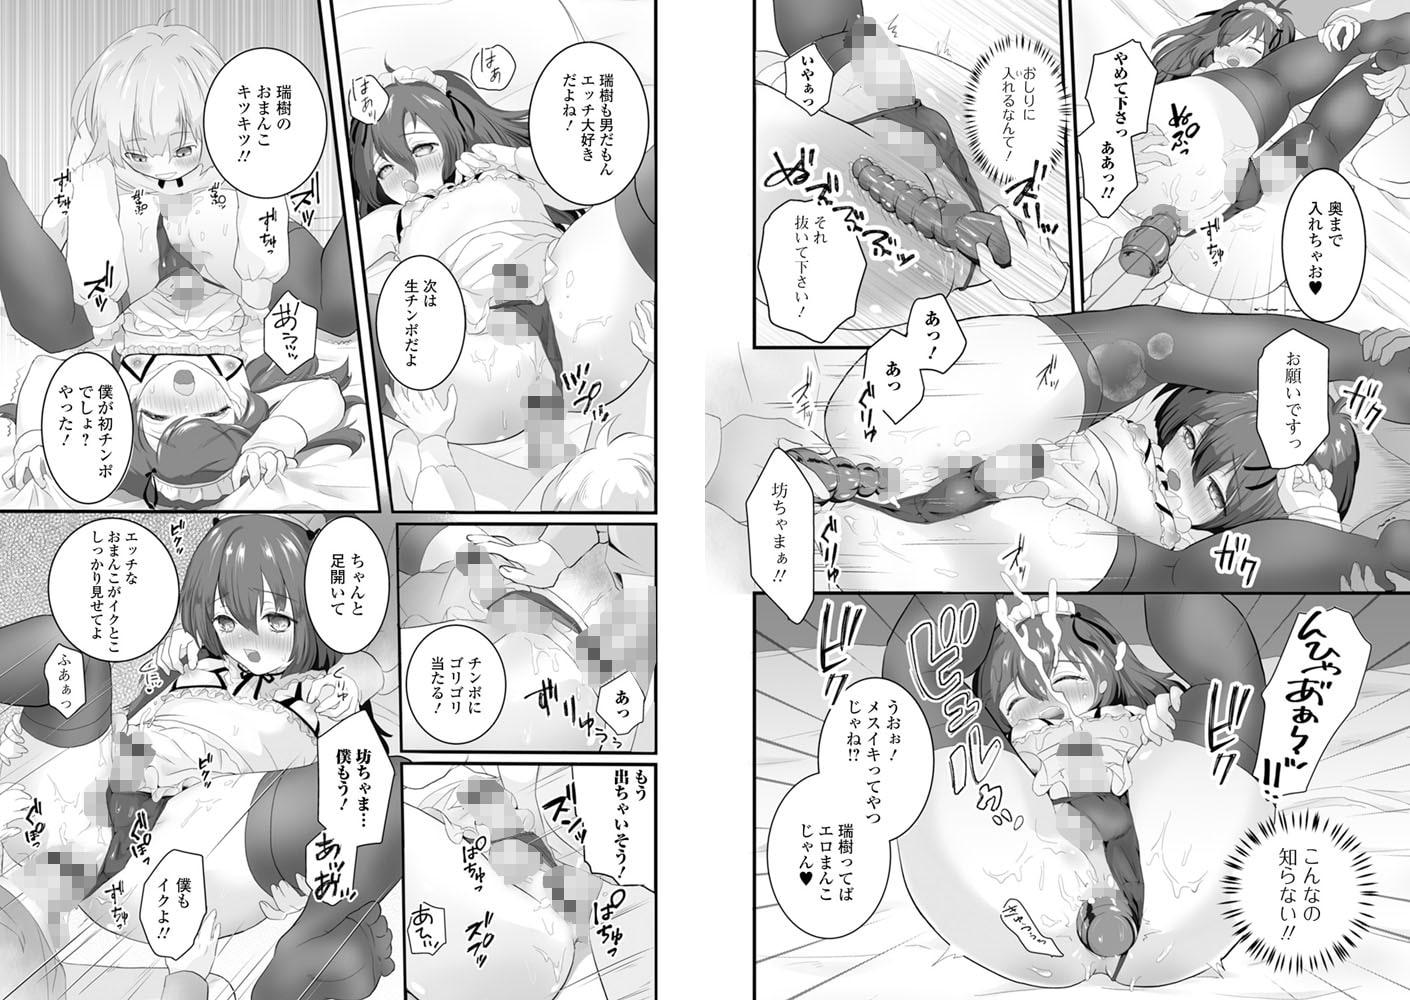 月刊Web男の娘・れくしょんッ!S  Vol.50